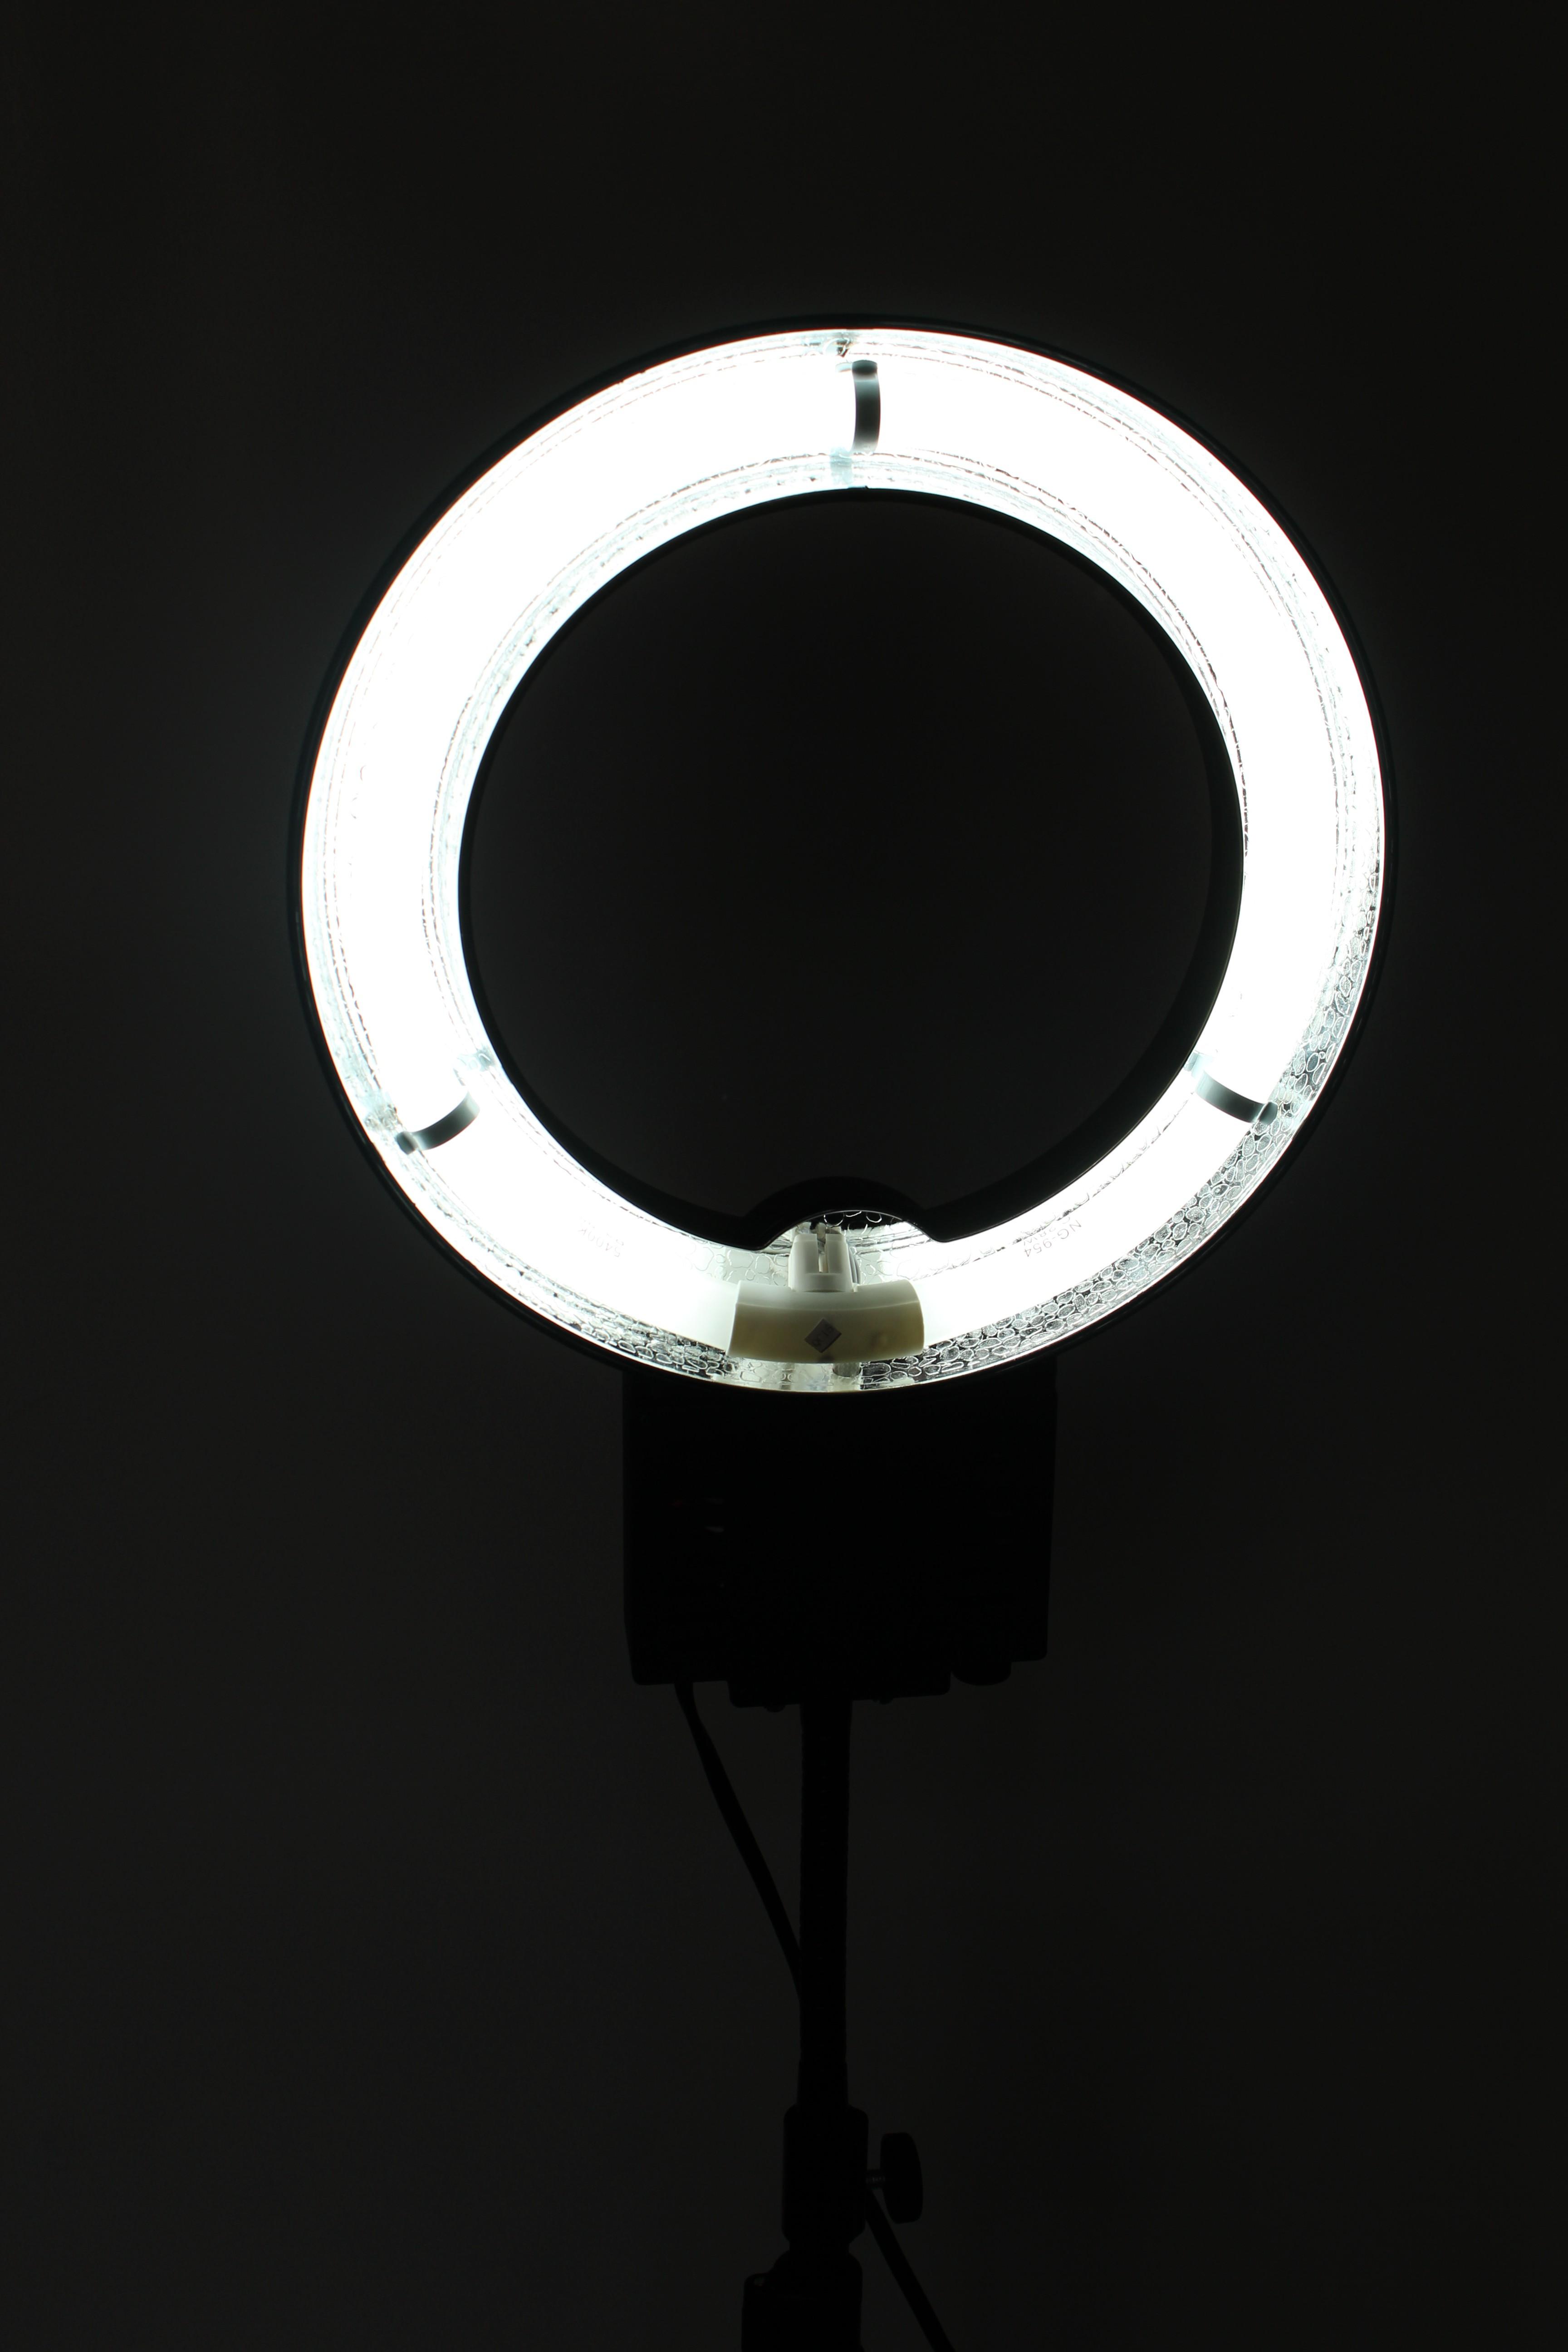 Mijn nieuwe ringlamp : Falcon Eyes FLC-28 | review & uitleg